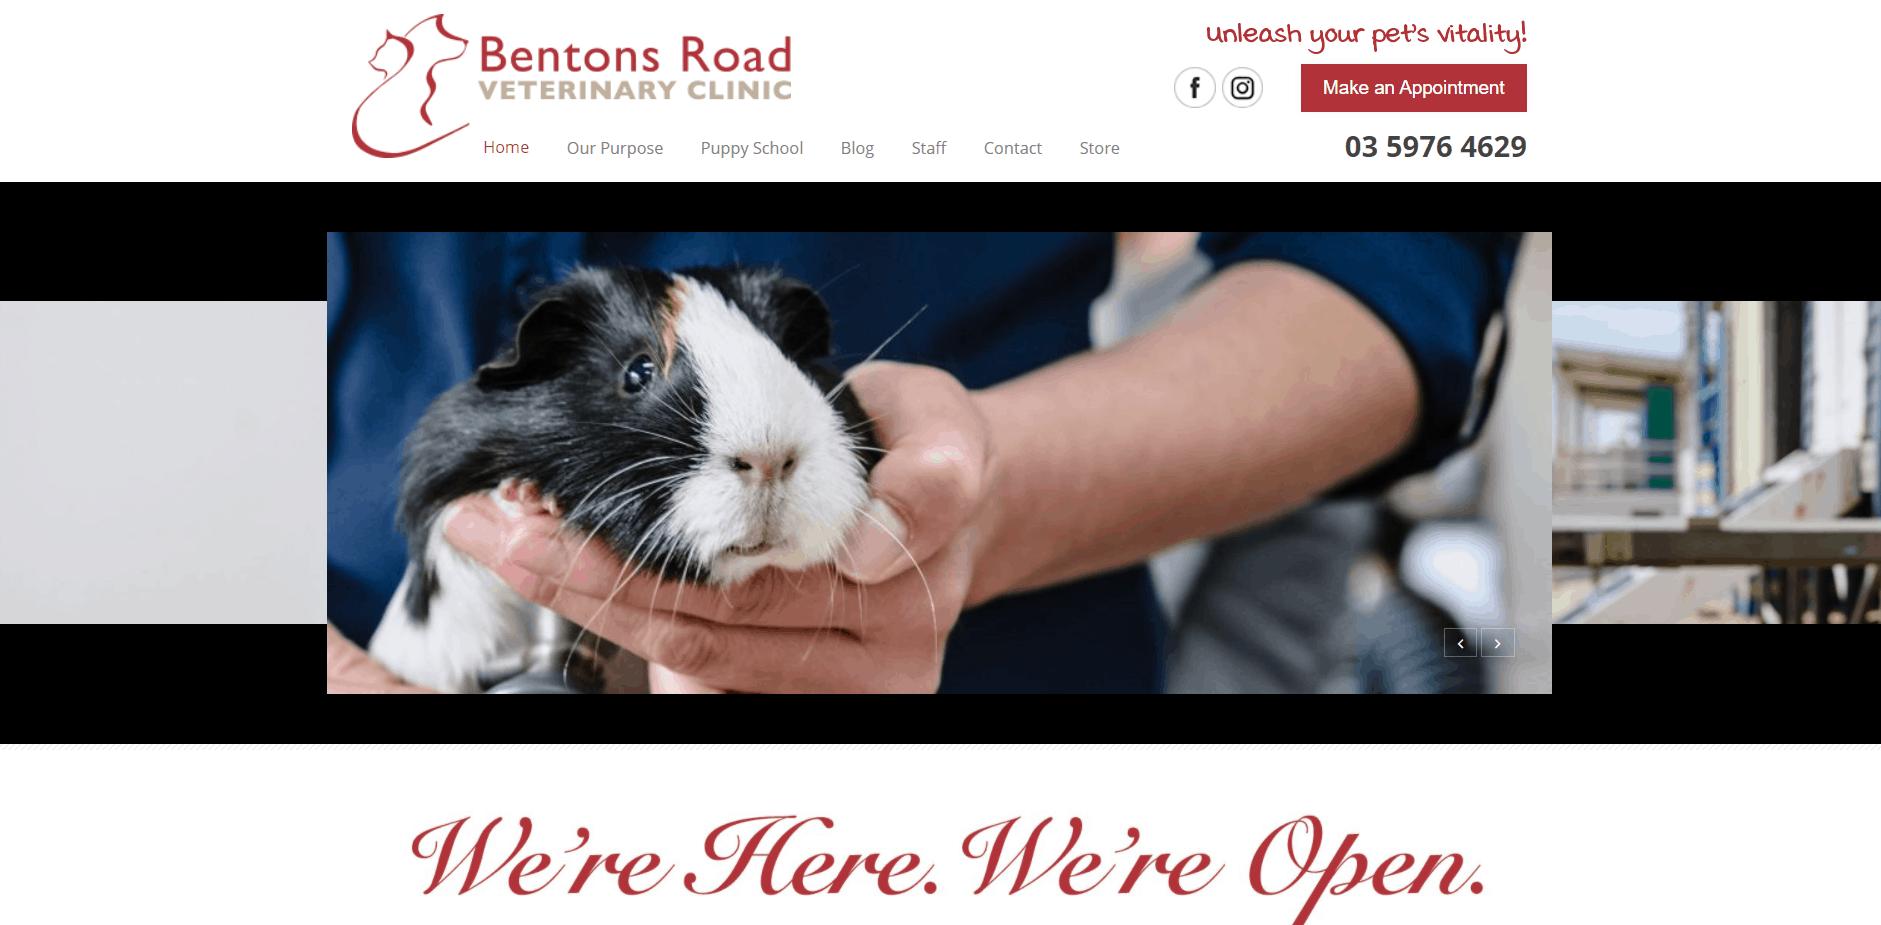 Bentons Road Vet Clinic